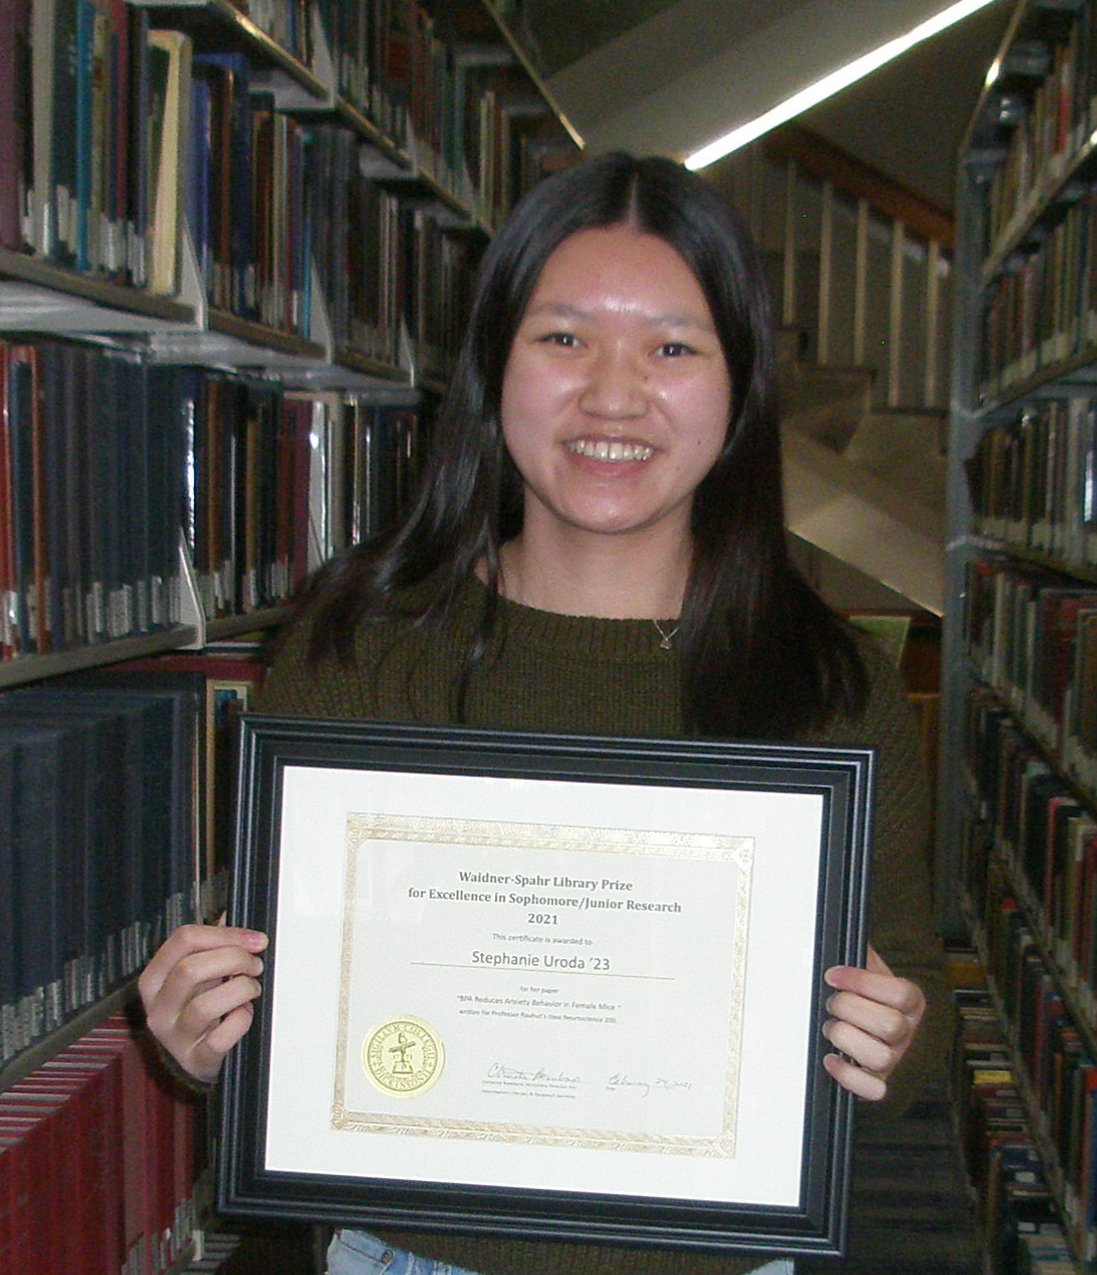 Stephanie Uroda with her award.